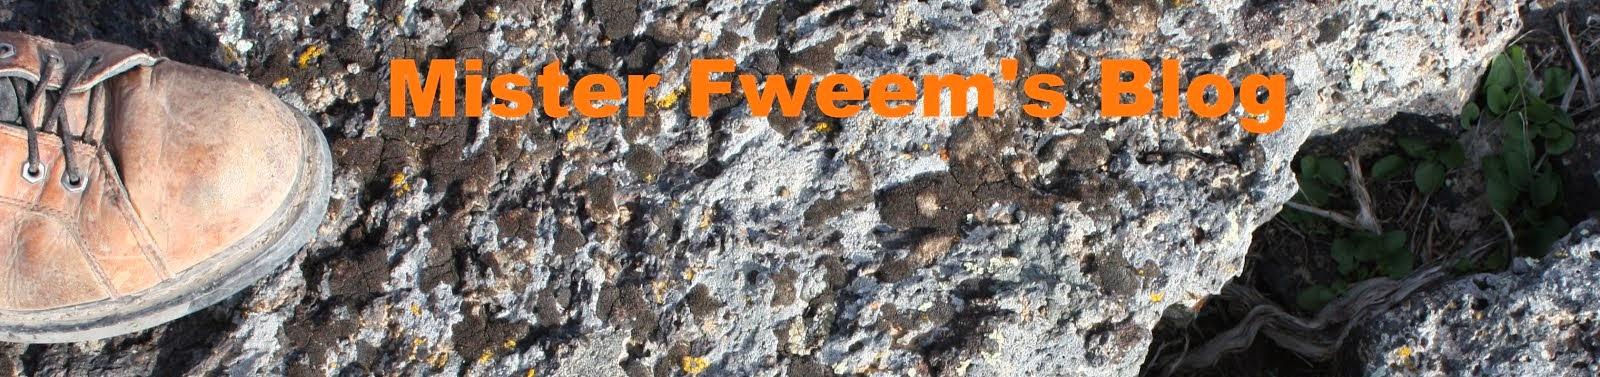 Mister Fweem's Blog